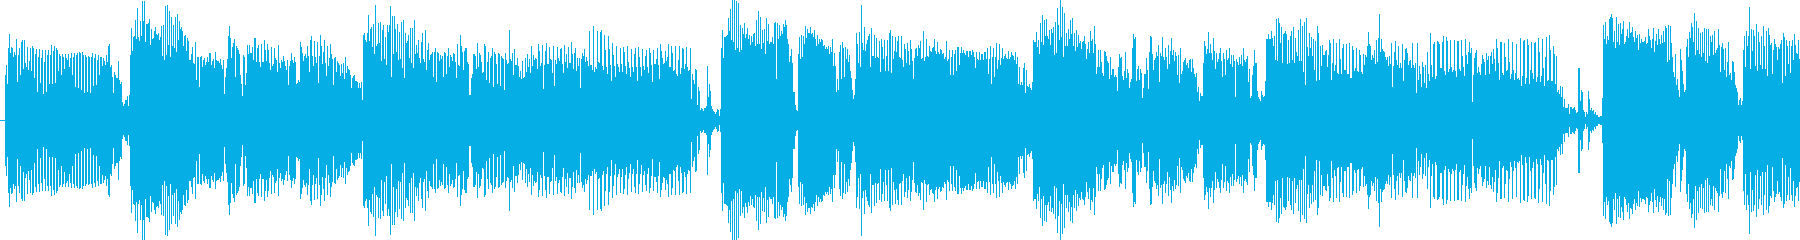 クールな雰囲気のスラップベースループソロの再生済みの波形